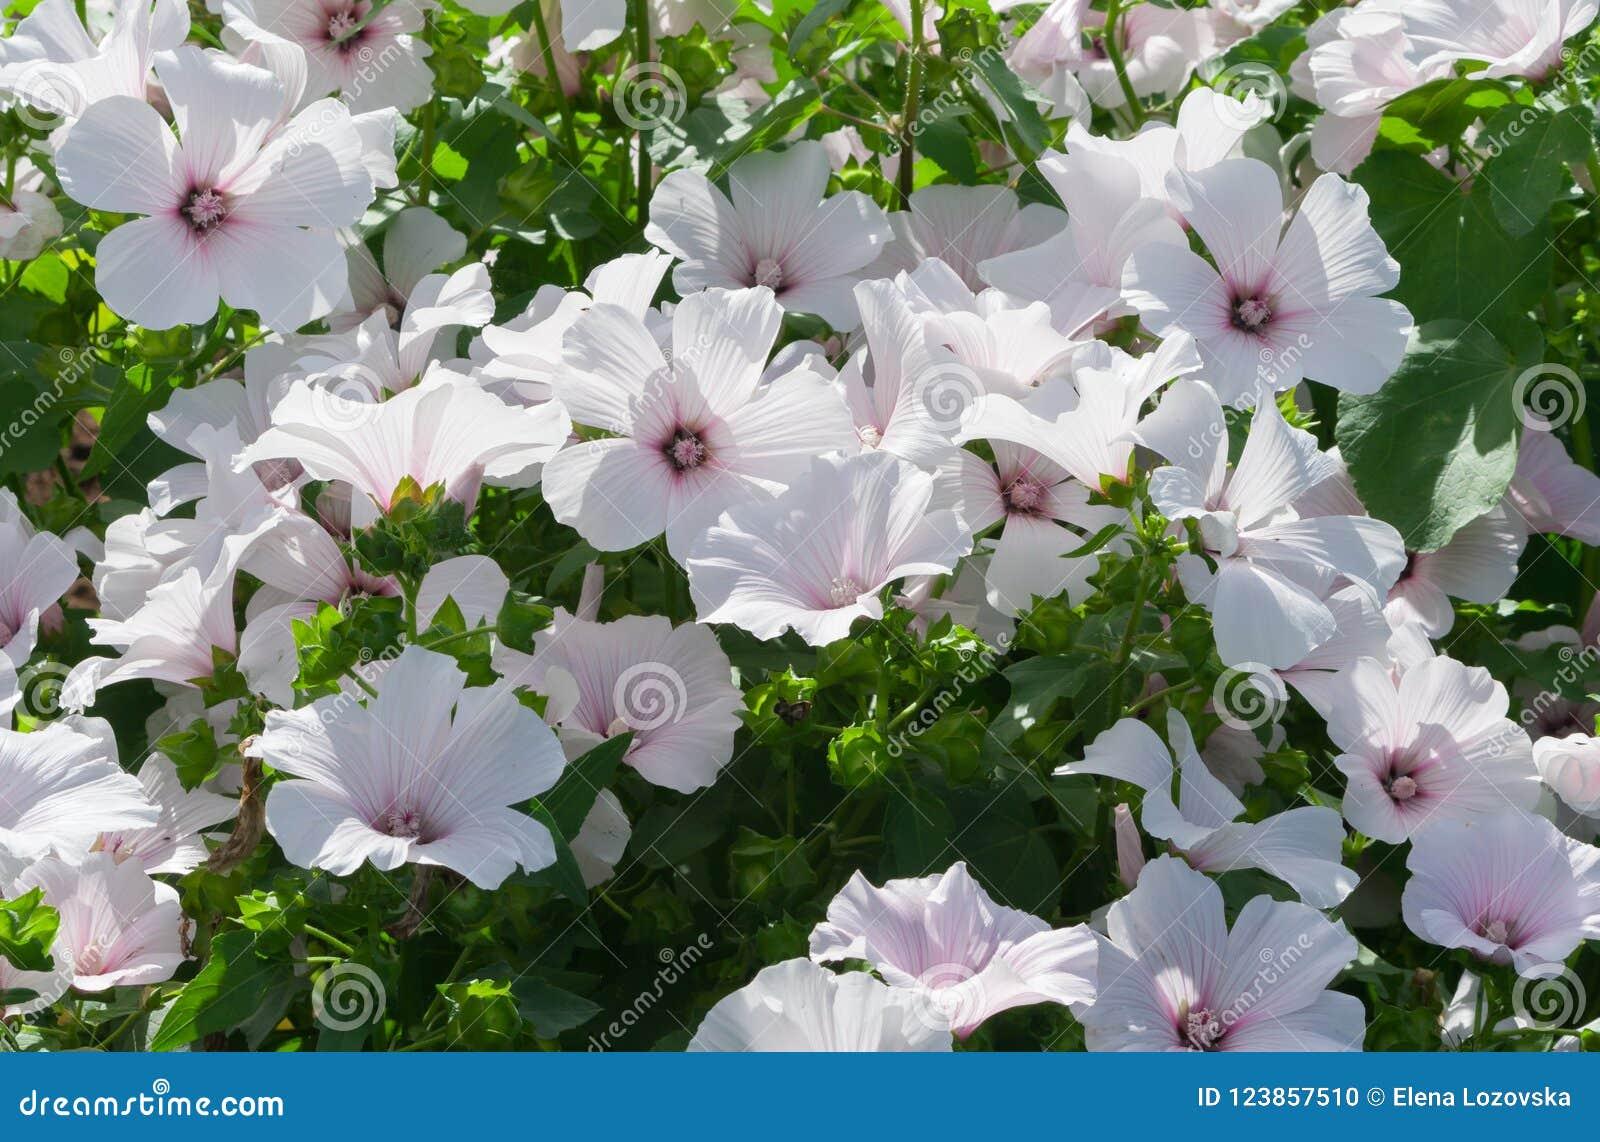 Lavatera White Dwarf Pink Blush Beautiful White Flowers With Pink